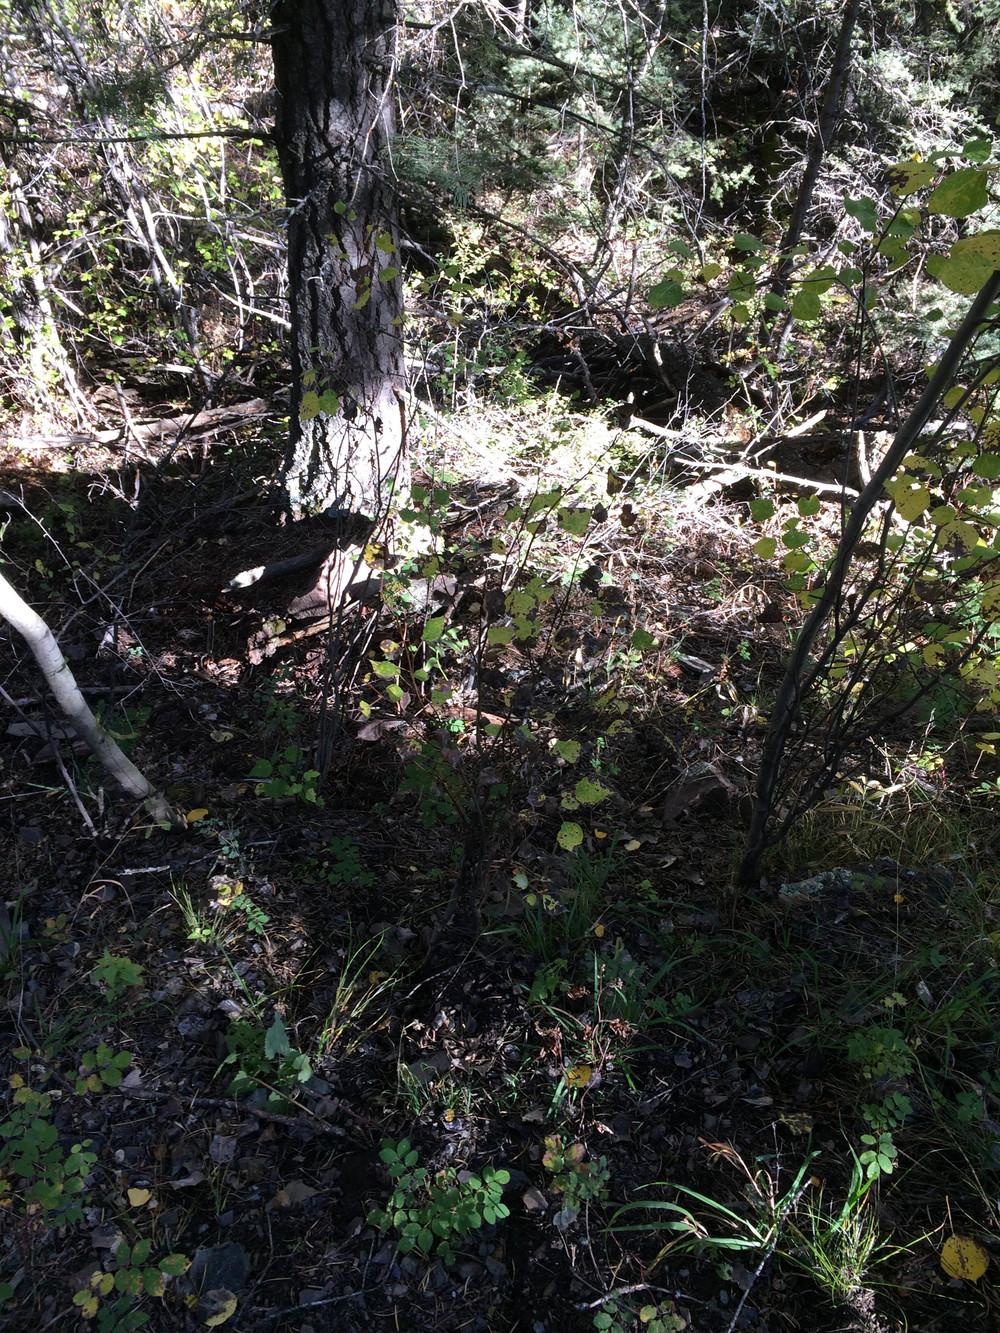 10-2-14 n.crestone trail 1-17.jpg